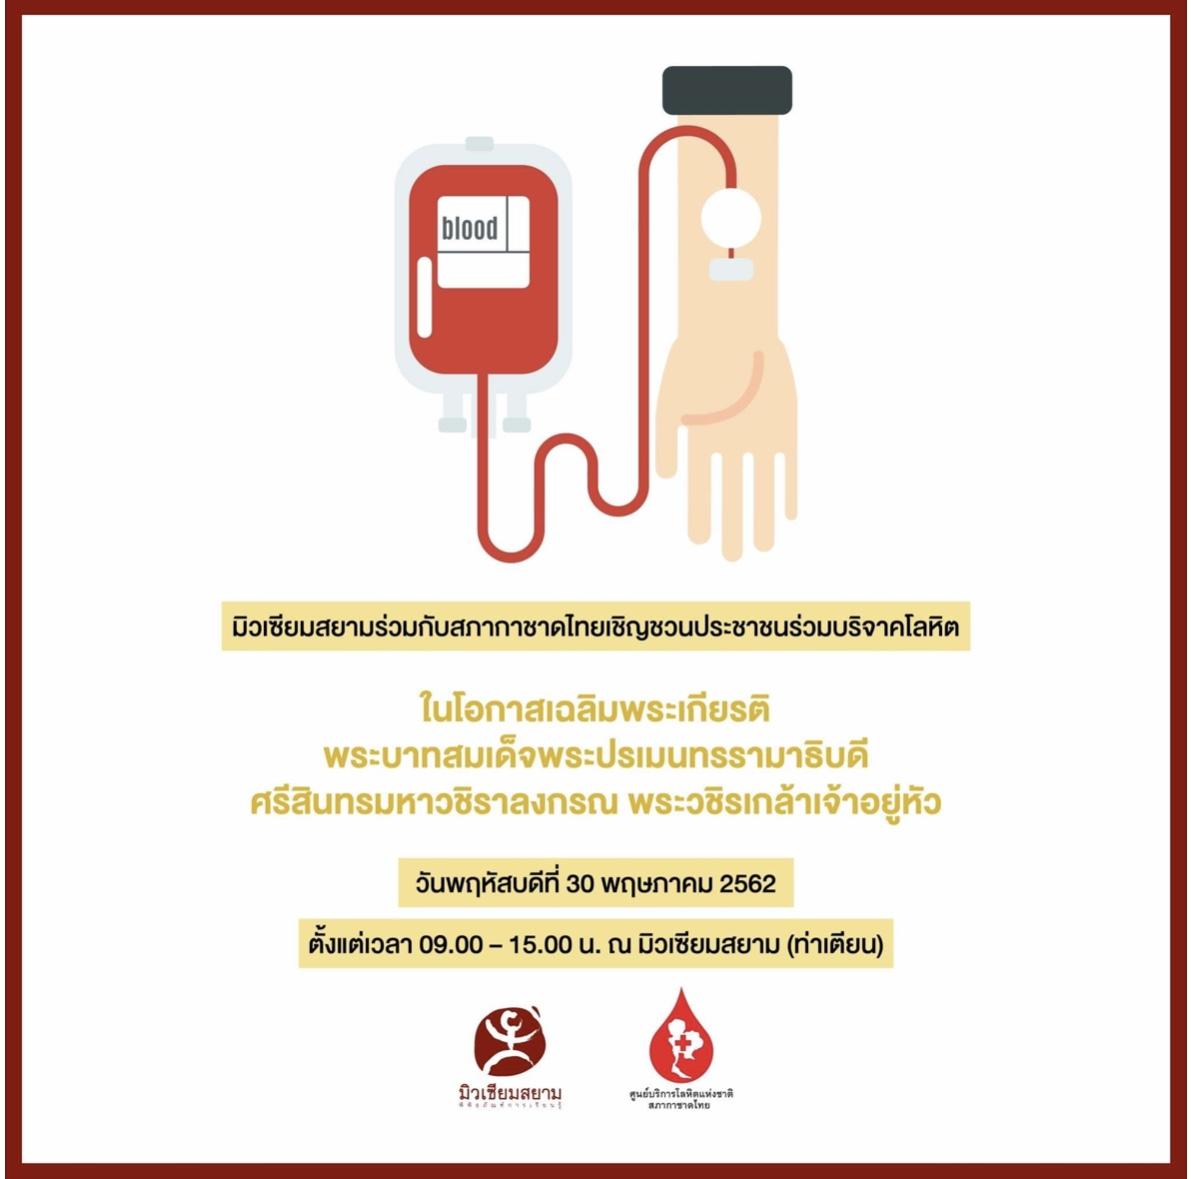 มิวเซียมสยาม ร่วมกับ สภากาชาดไทย เชิญชวนคนไทยร่วมบริจาคโลหิต เฉลิมพระเกียรติแด่ในหลวงรัชกาลที่ 10 13 -